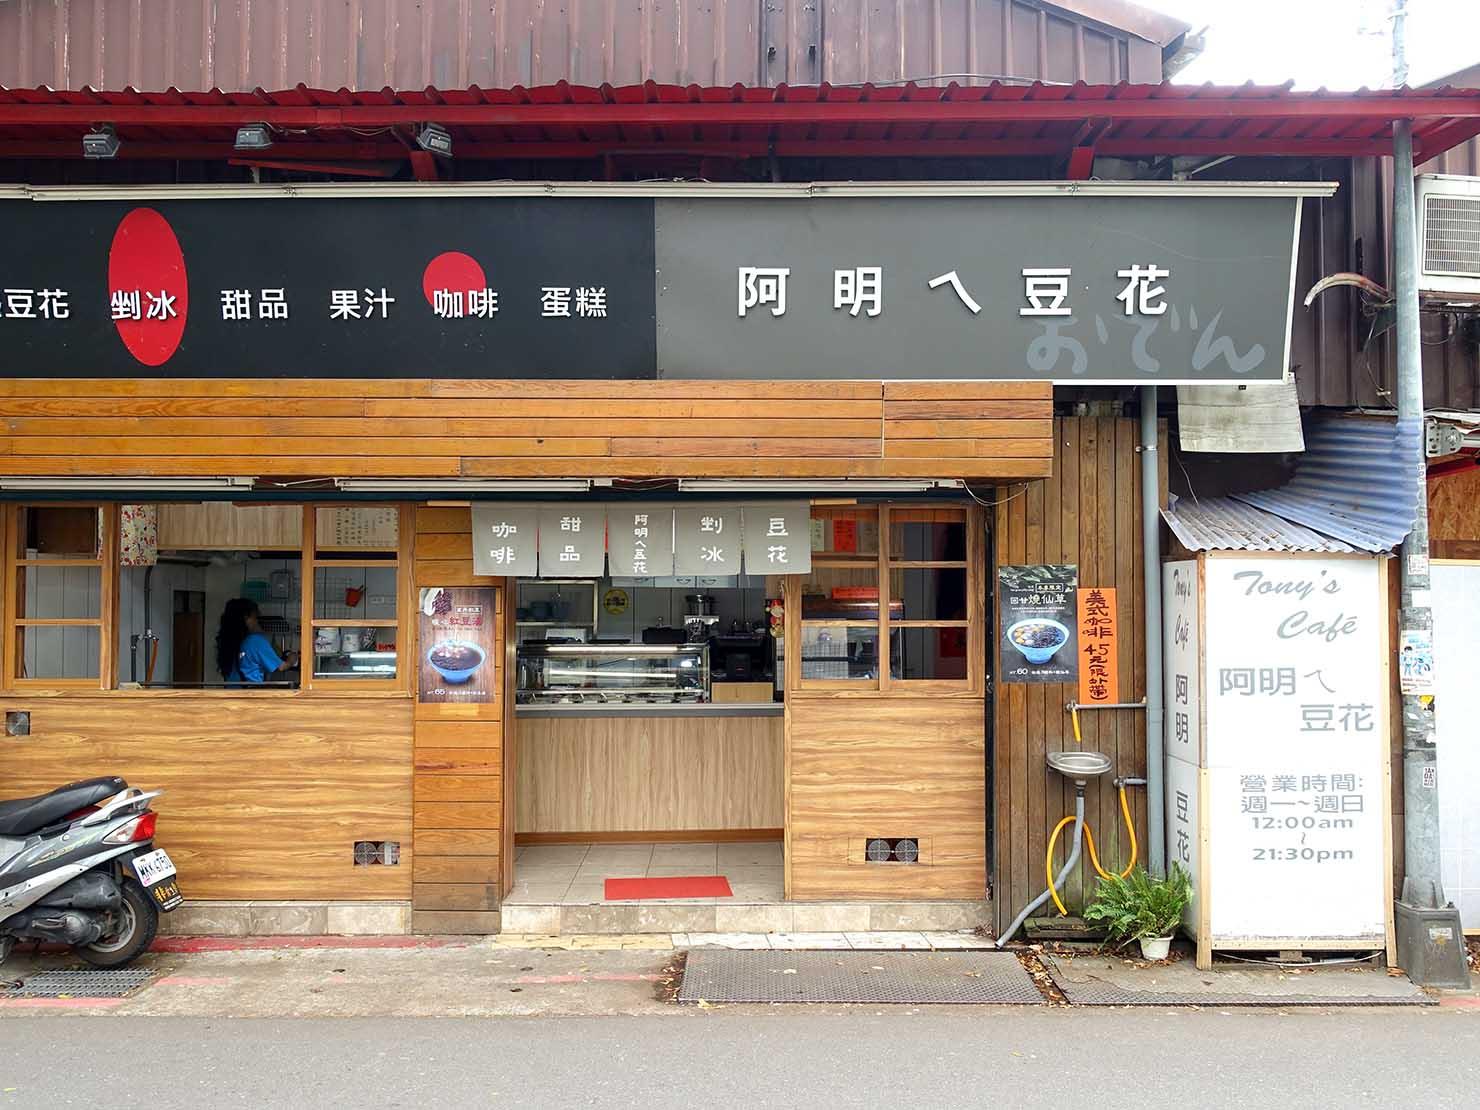 台北・中山駅周辺のおすすめグルメ店「阿明ㄟ豆花」の外観